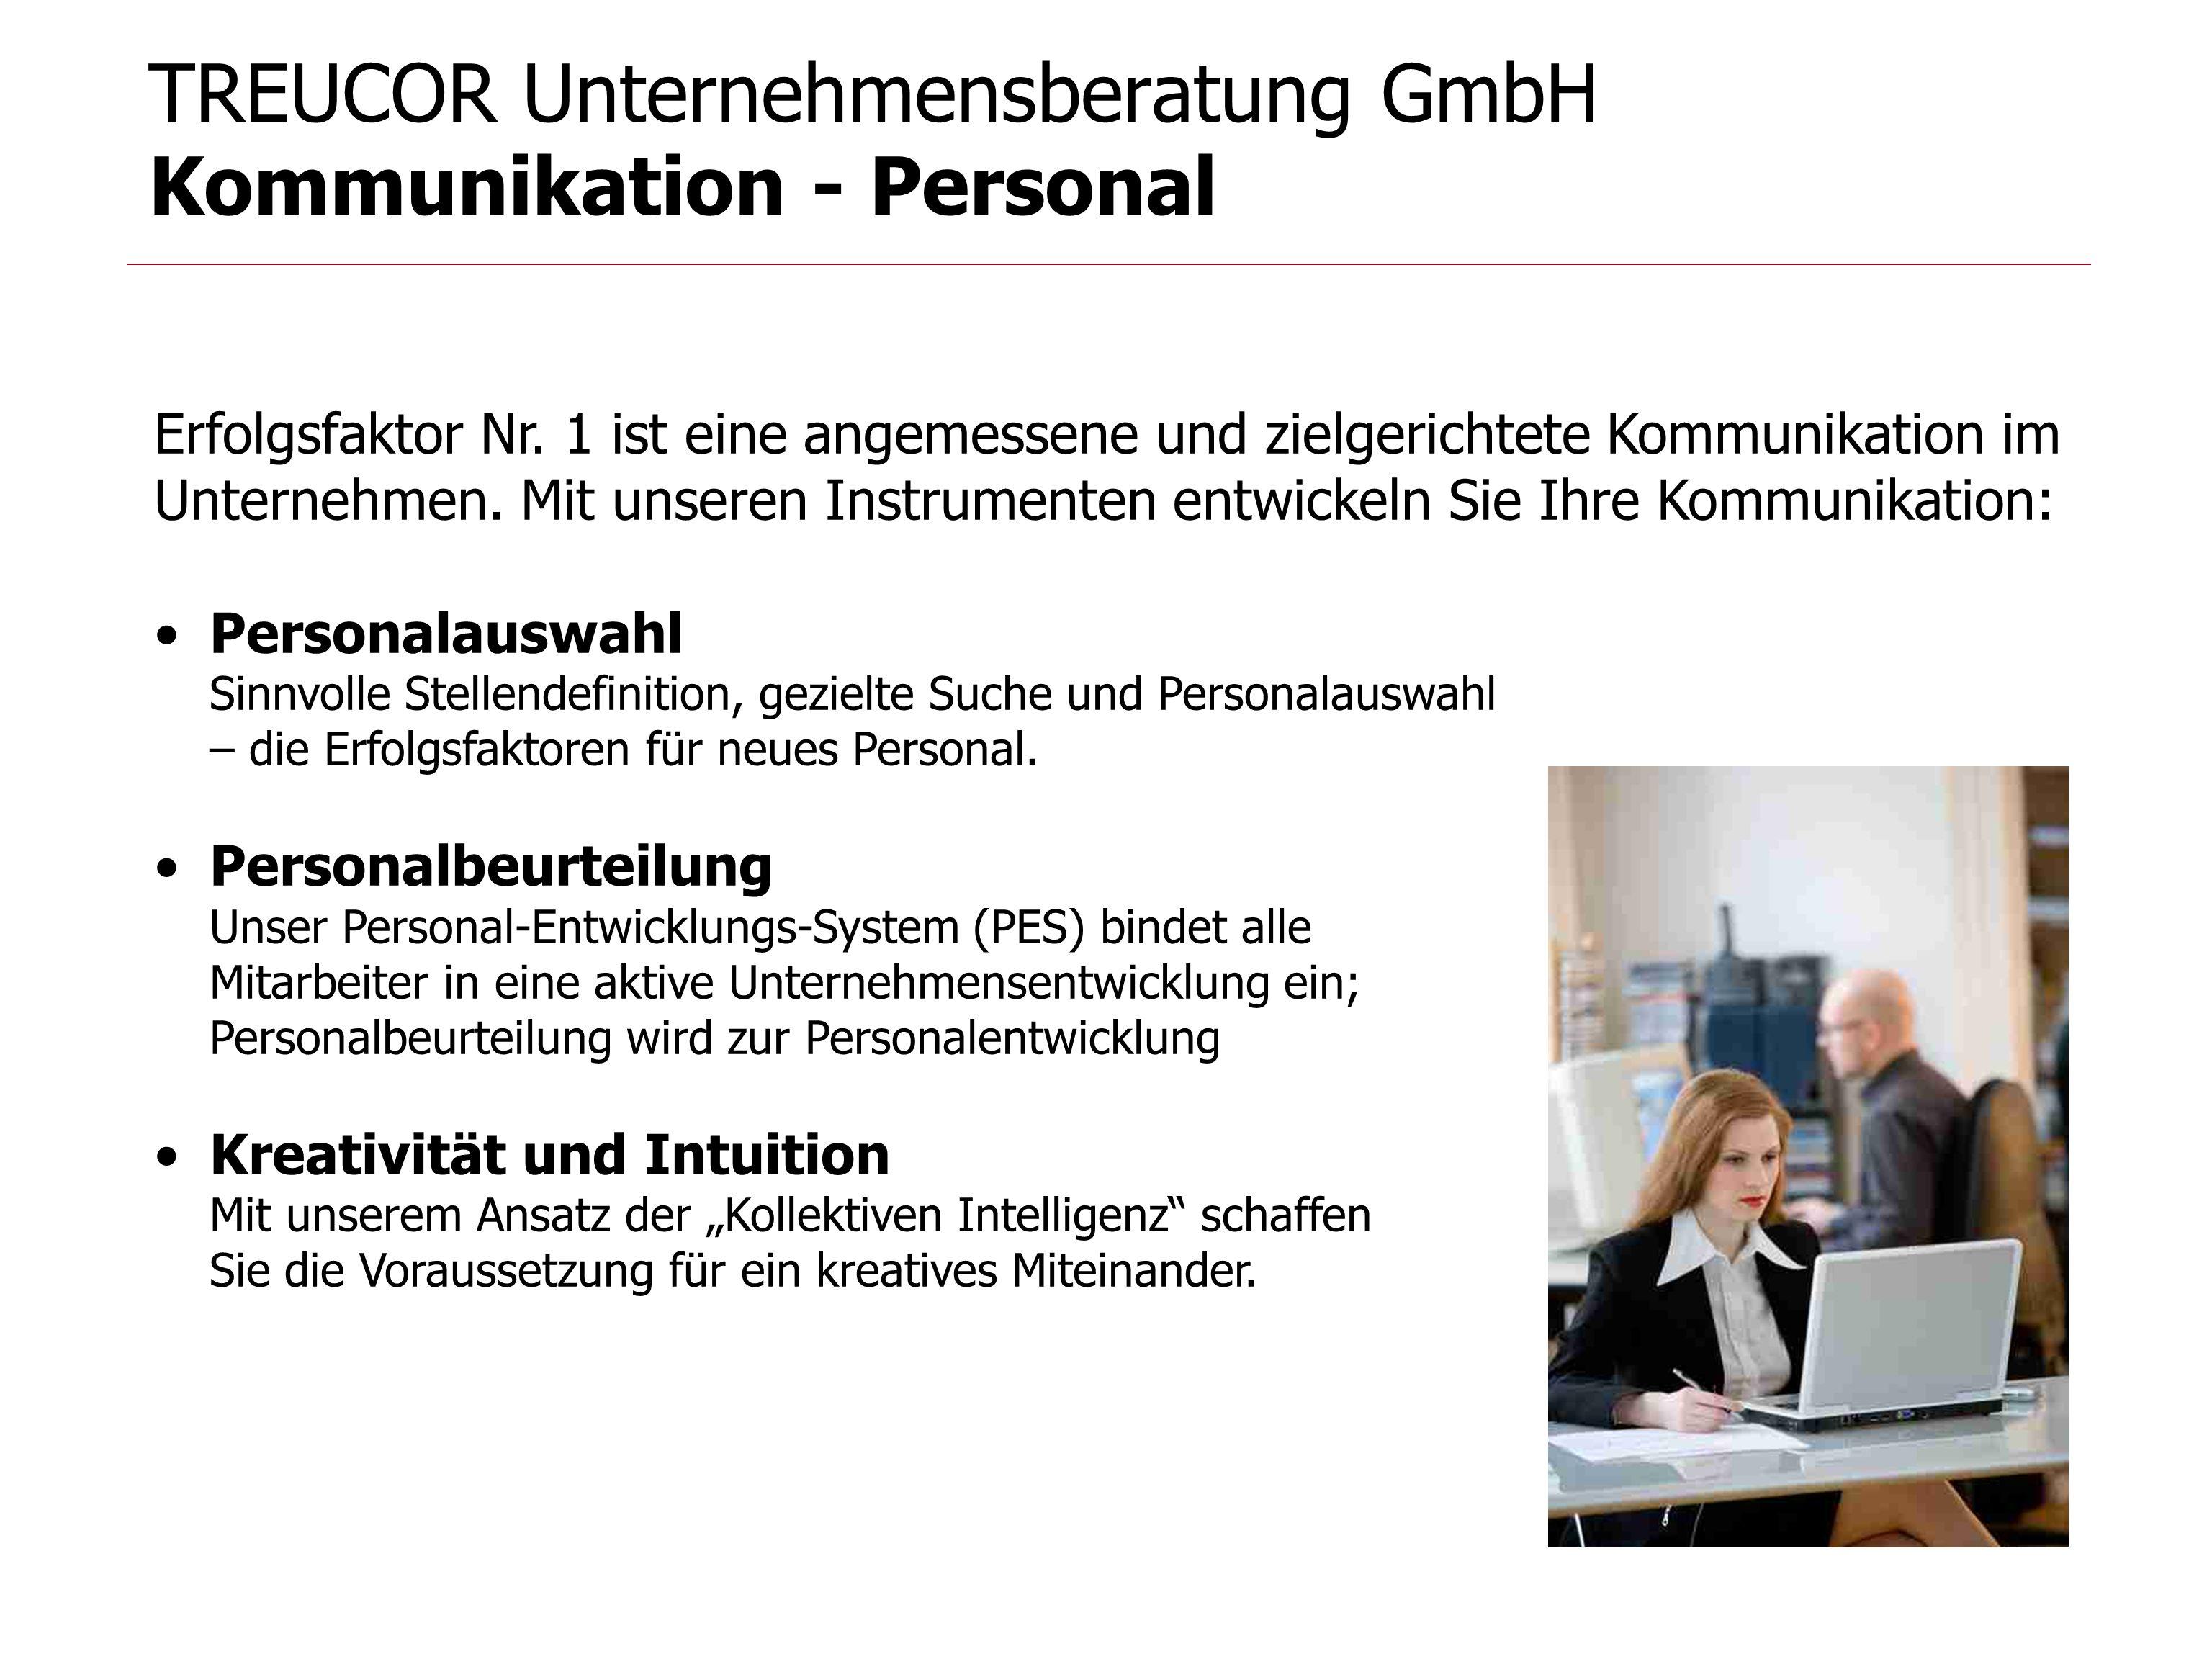 TREUCOR Unternehmensberatung GmbH Verkauf - Kundenorientierung Kundenorientierung bedeutet, dass die Bedürfnisse des Kunden in allen Produkten und Prozessen berücksichtigt wird.